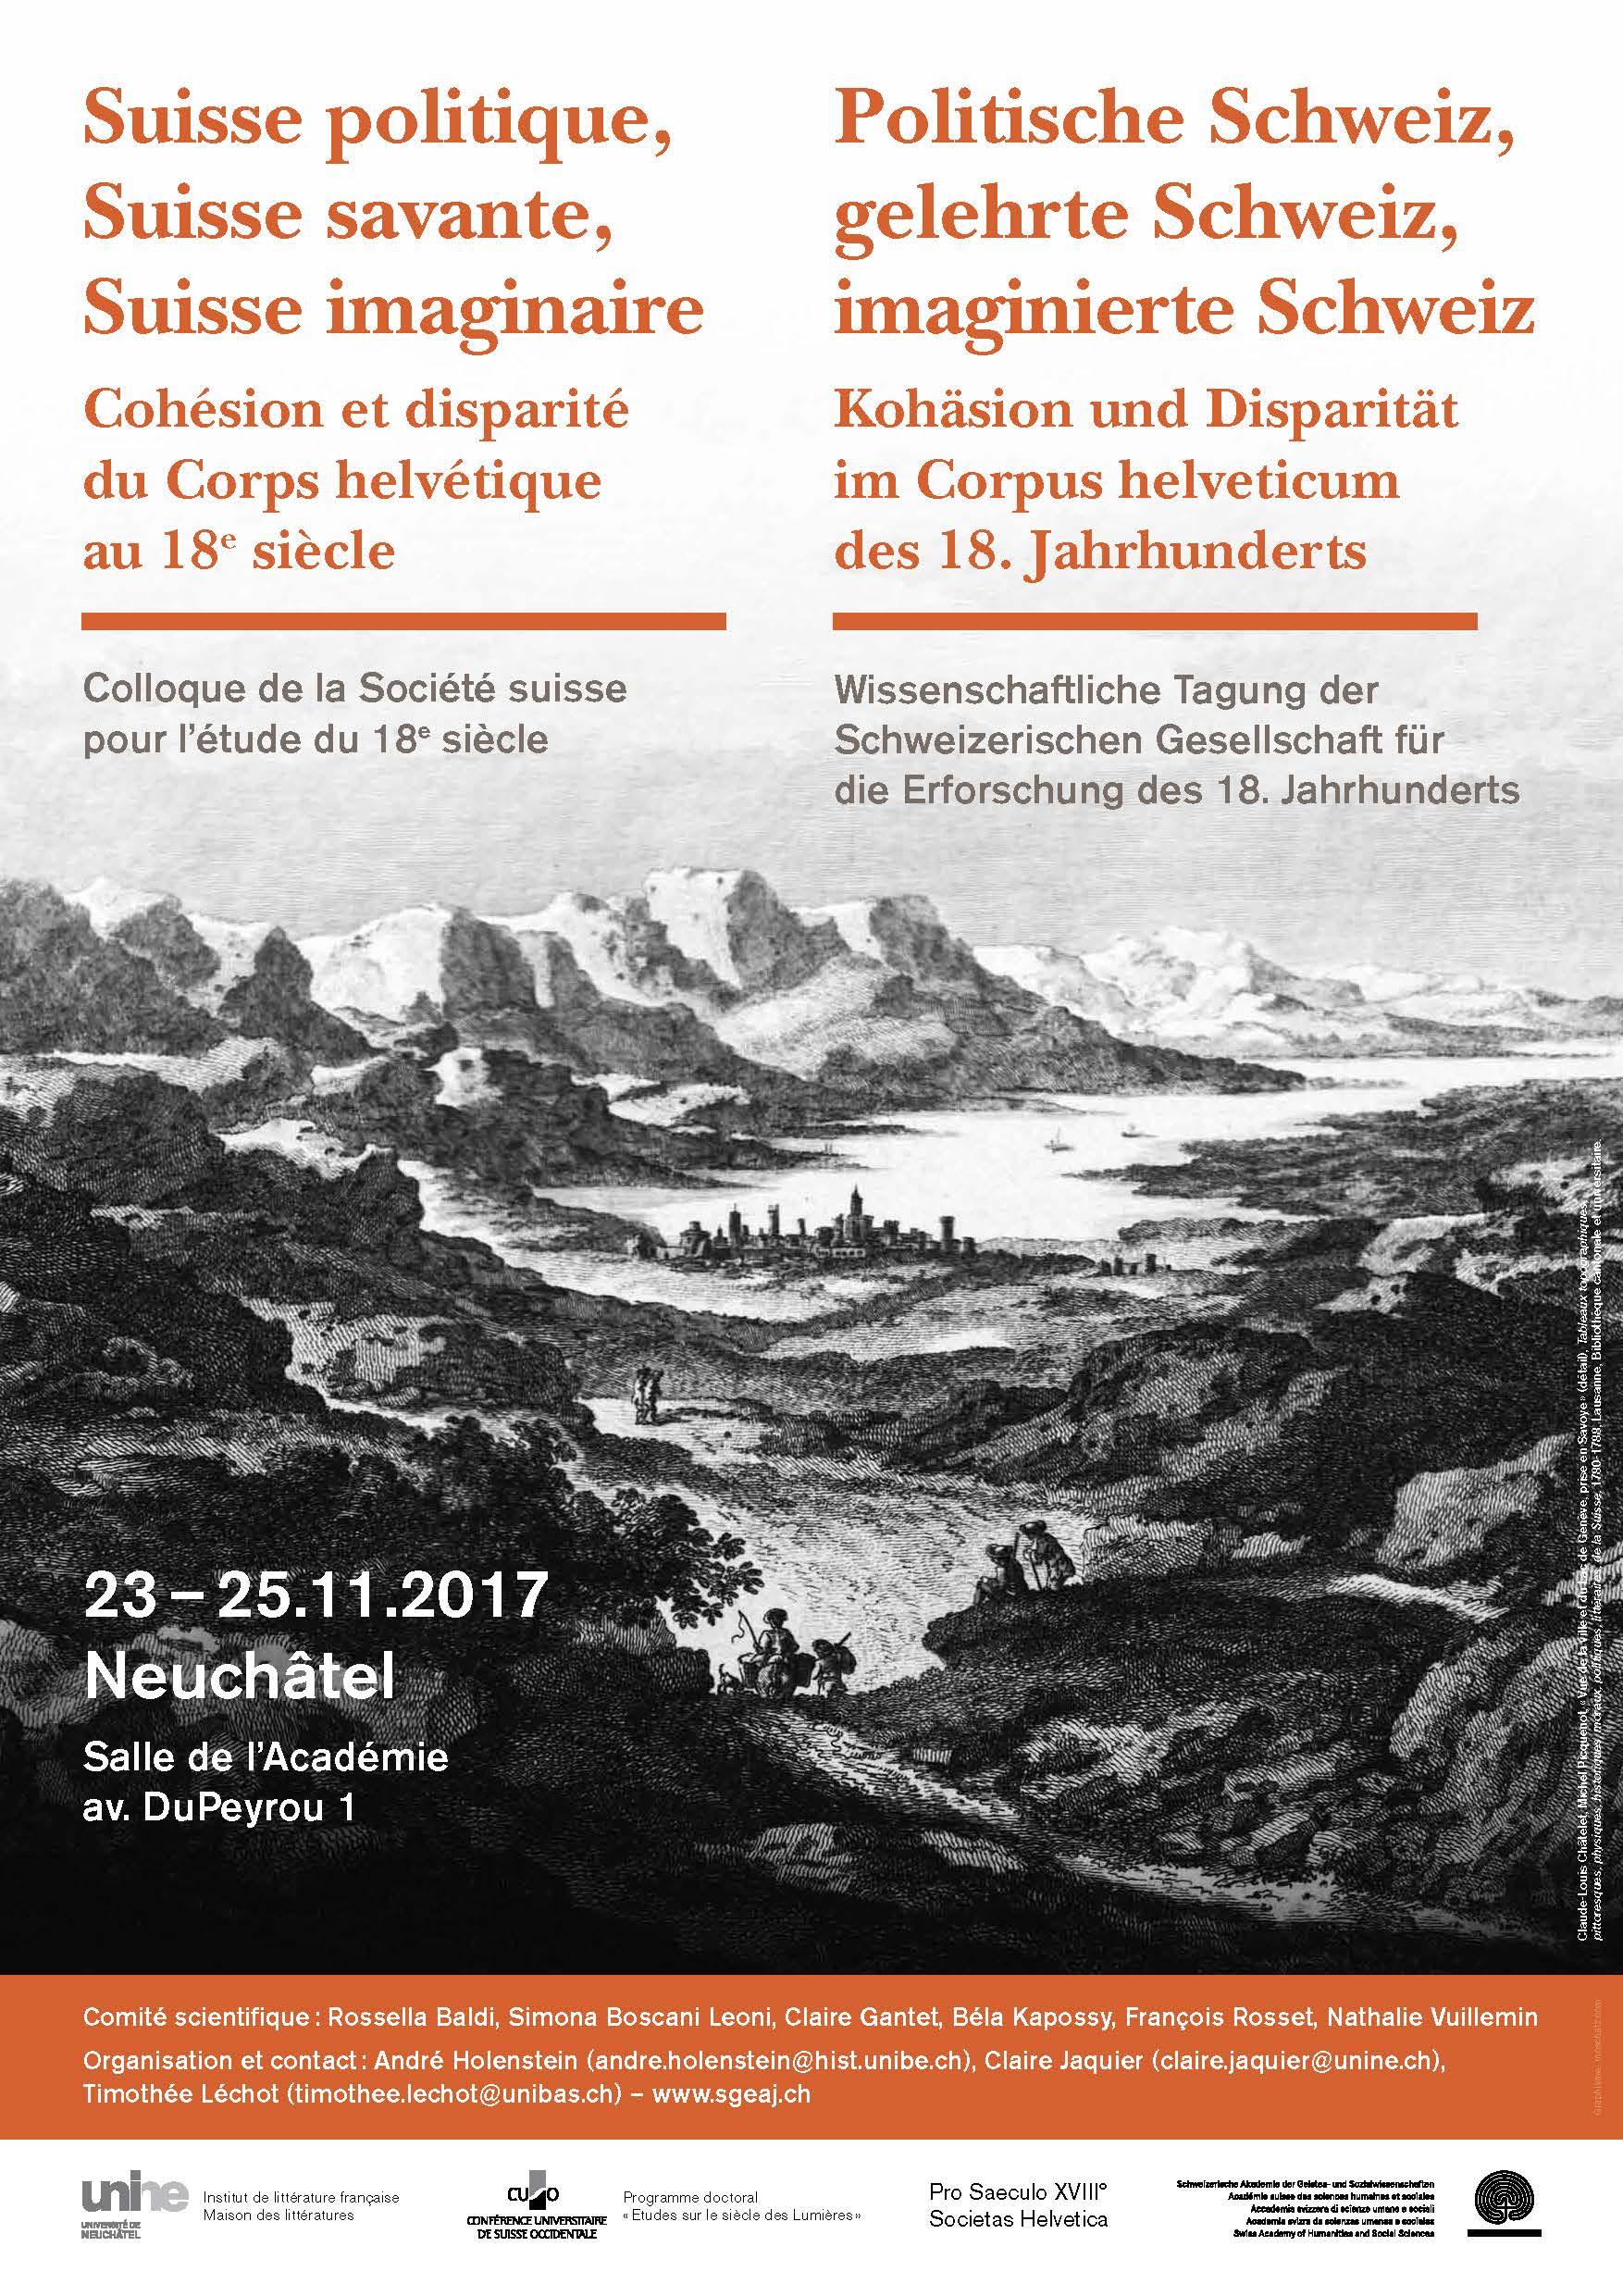 Suisse politique, Suisse savante, Suisse imaginaire: cohésion et disparité du Corps helvétique au XVIIIe s. (Neuchâtel)